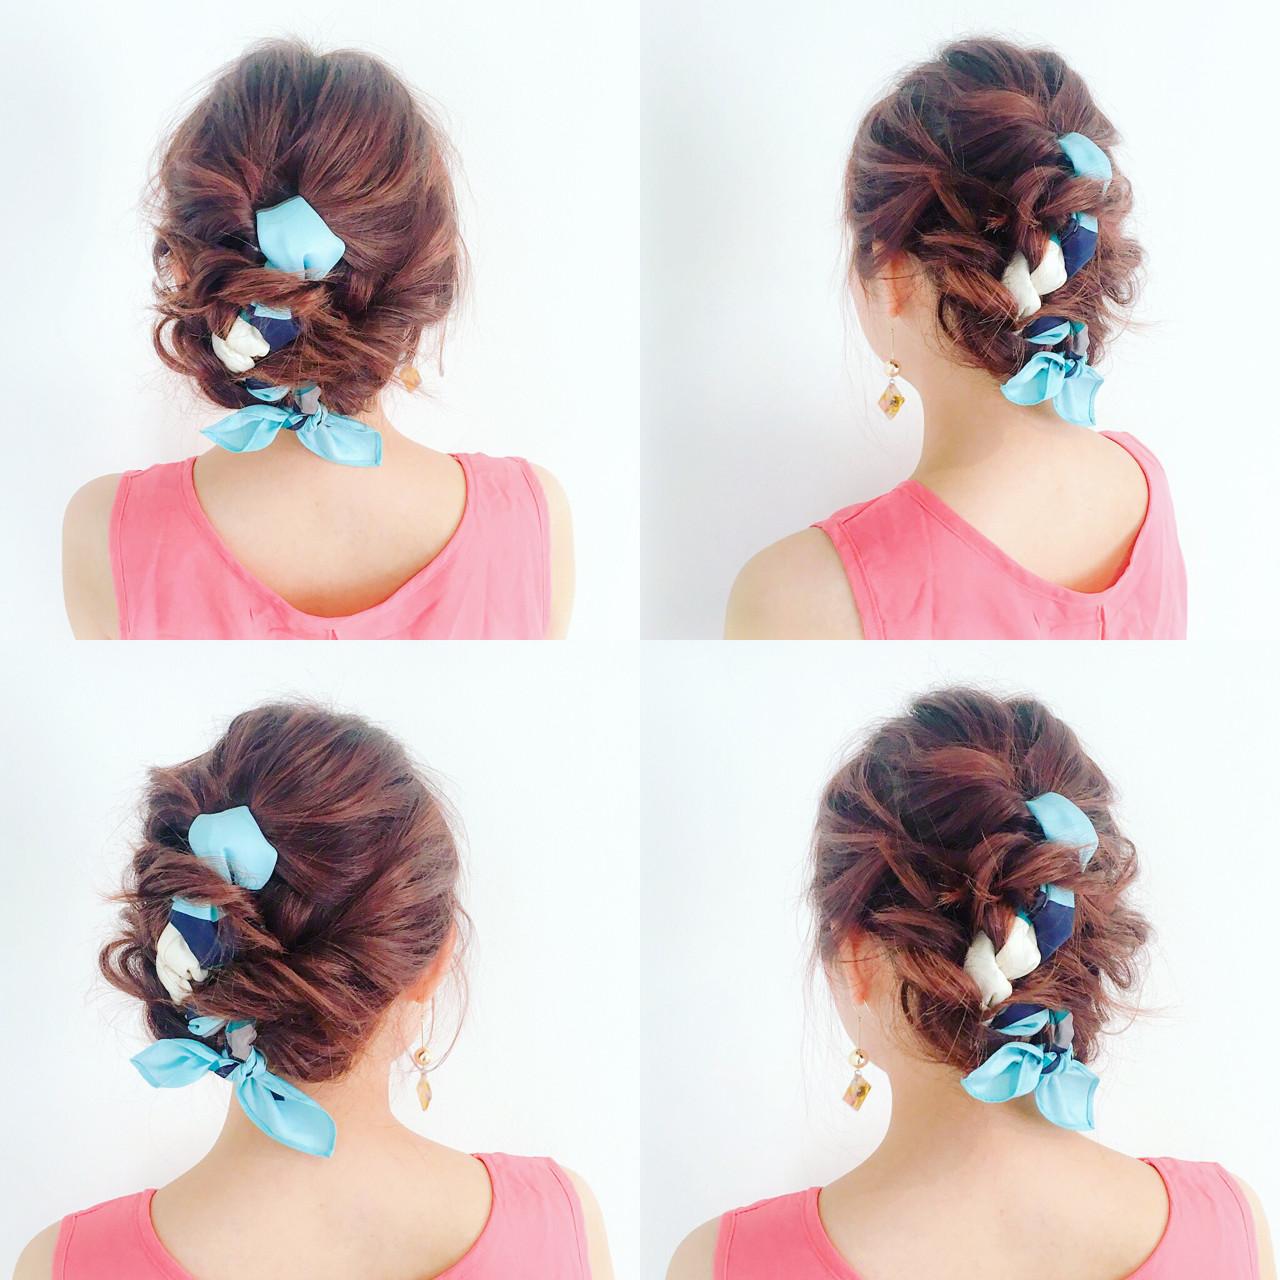 ヘアアクセ 編み込み ミディアム ヘアアレンジ ヘアスタイルや髪型の写真・画像 | 美容師HIRO/Amoute代表 / Amoute/アムティ